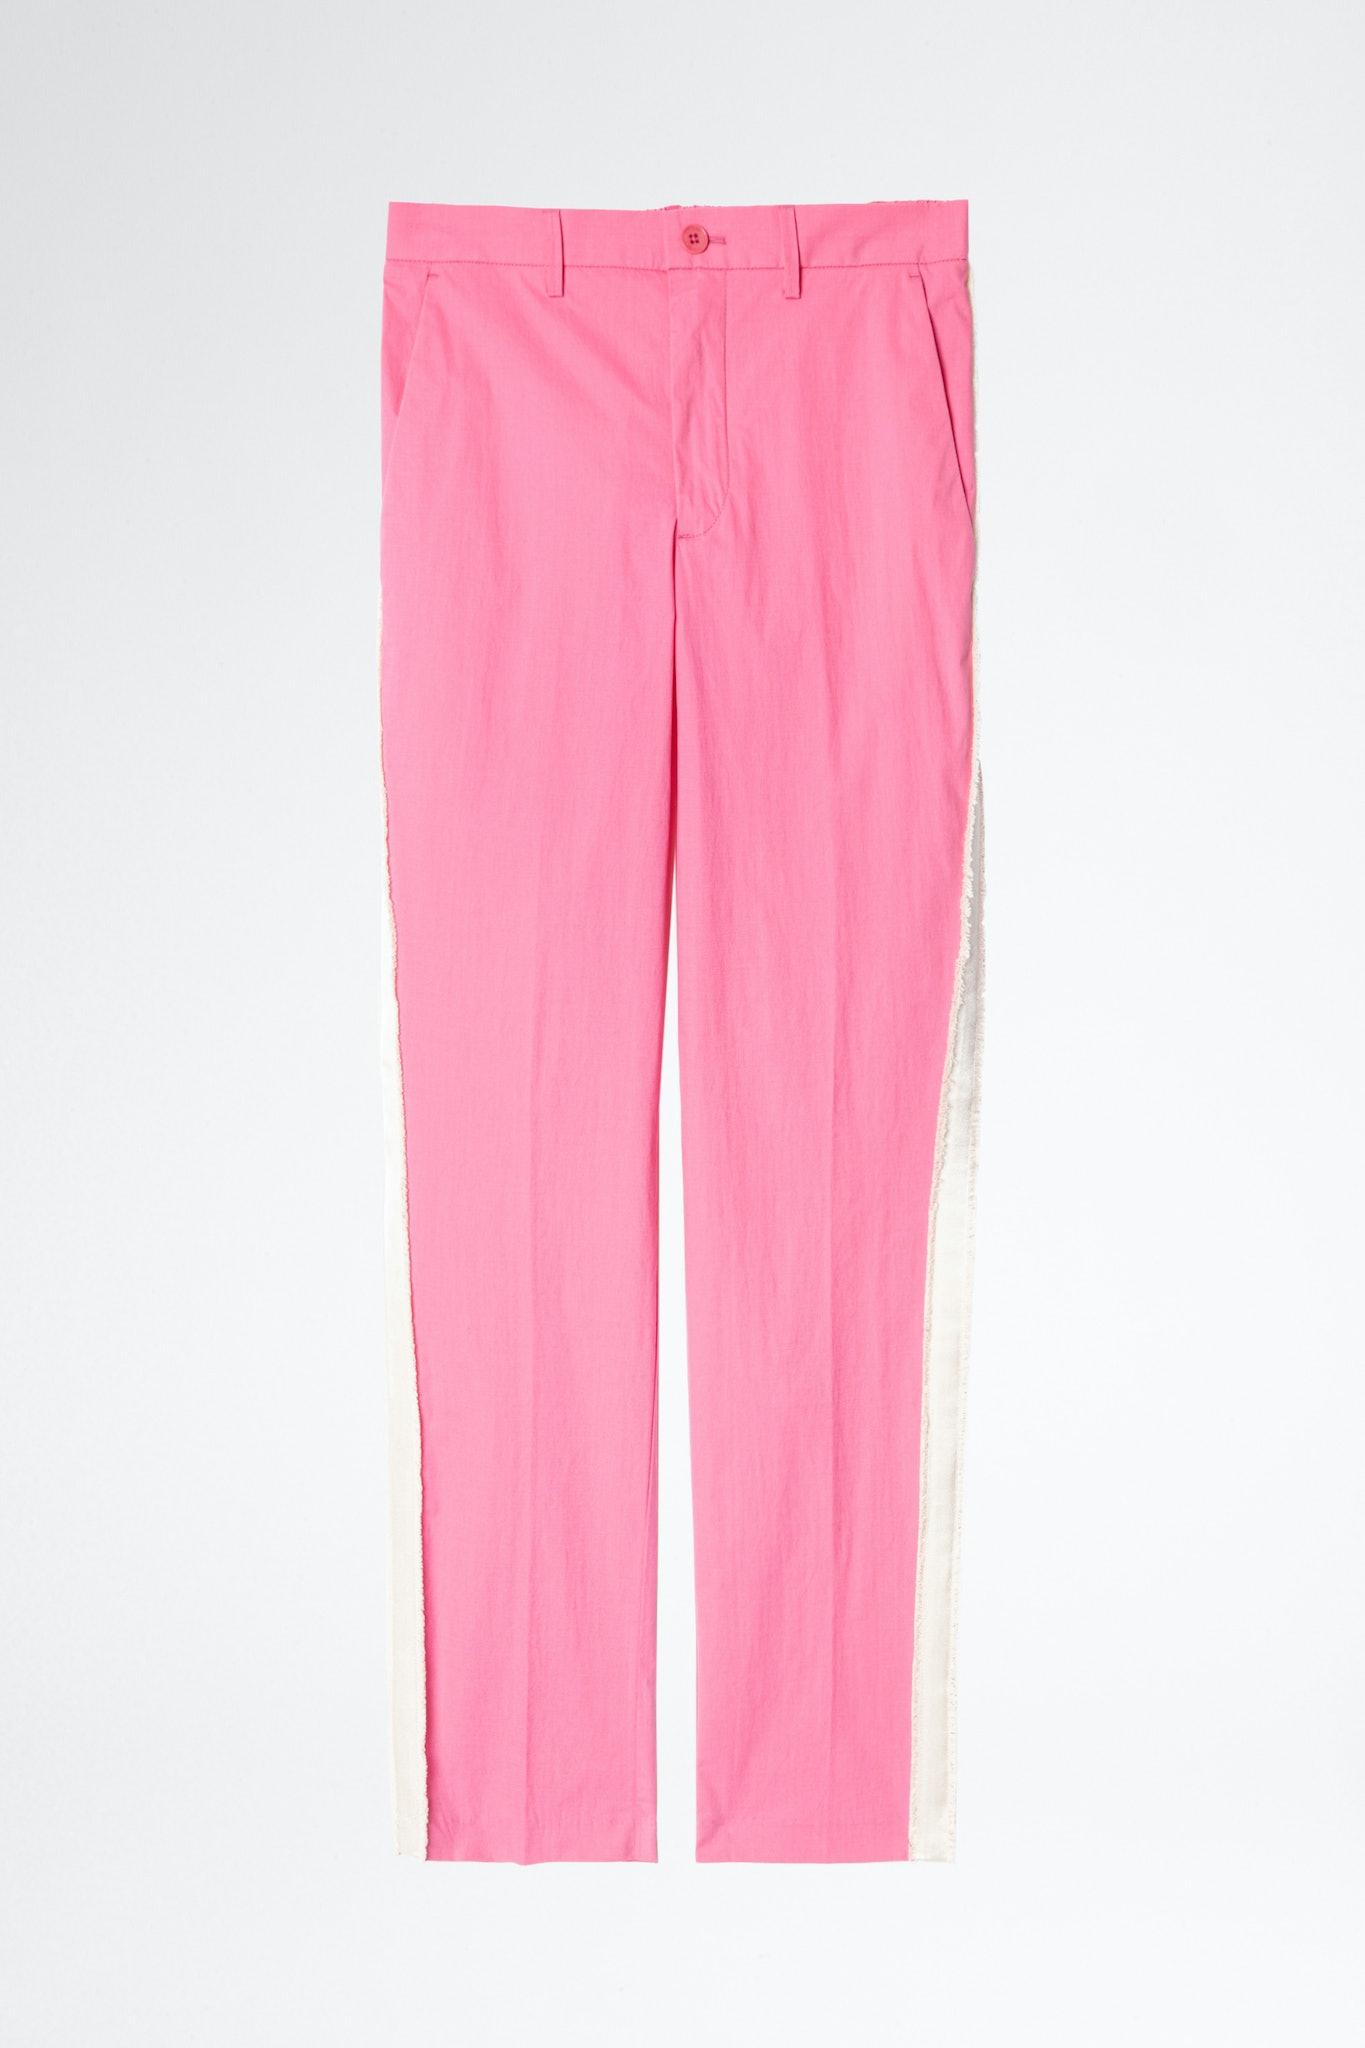 Pantalon Pomelo